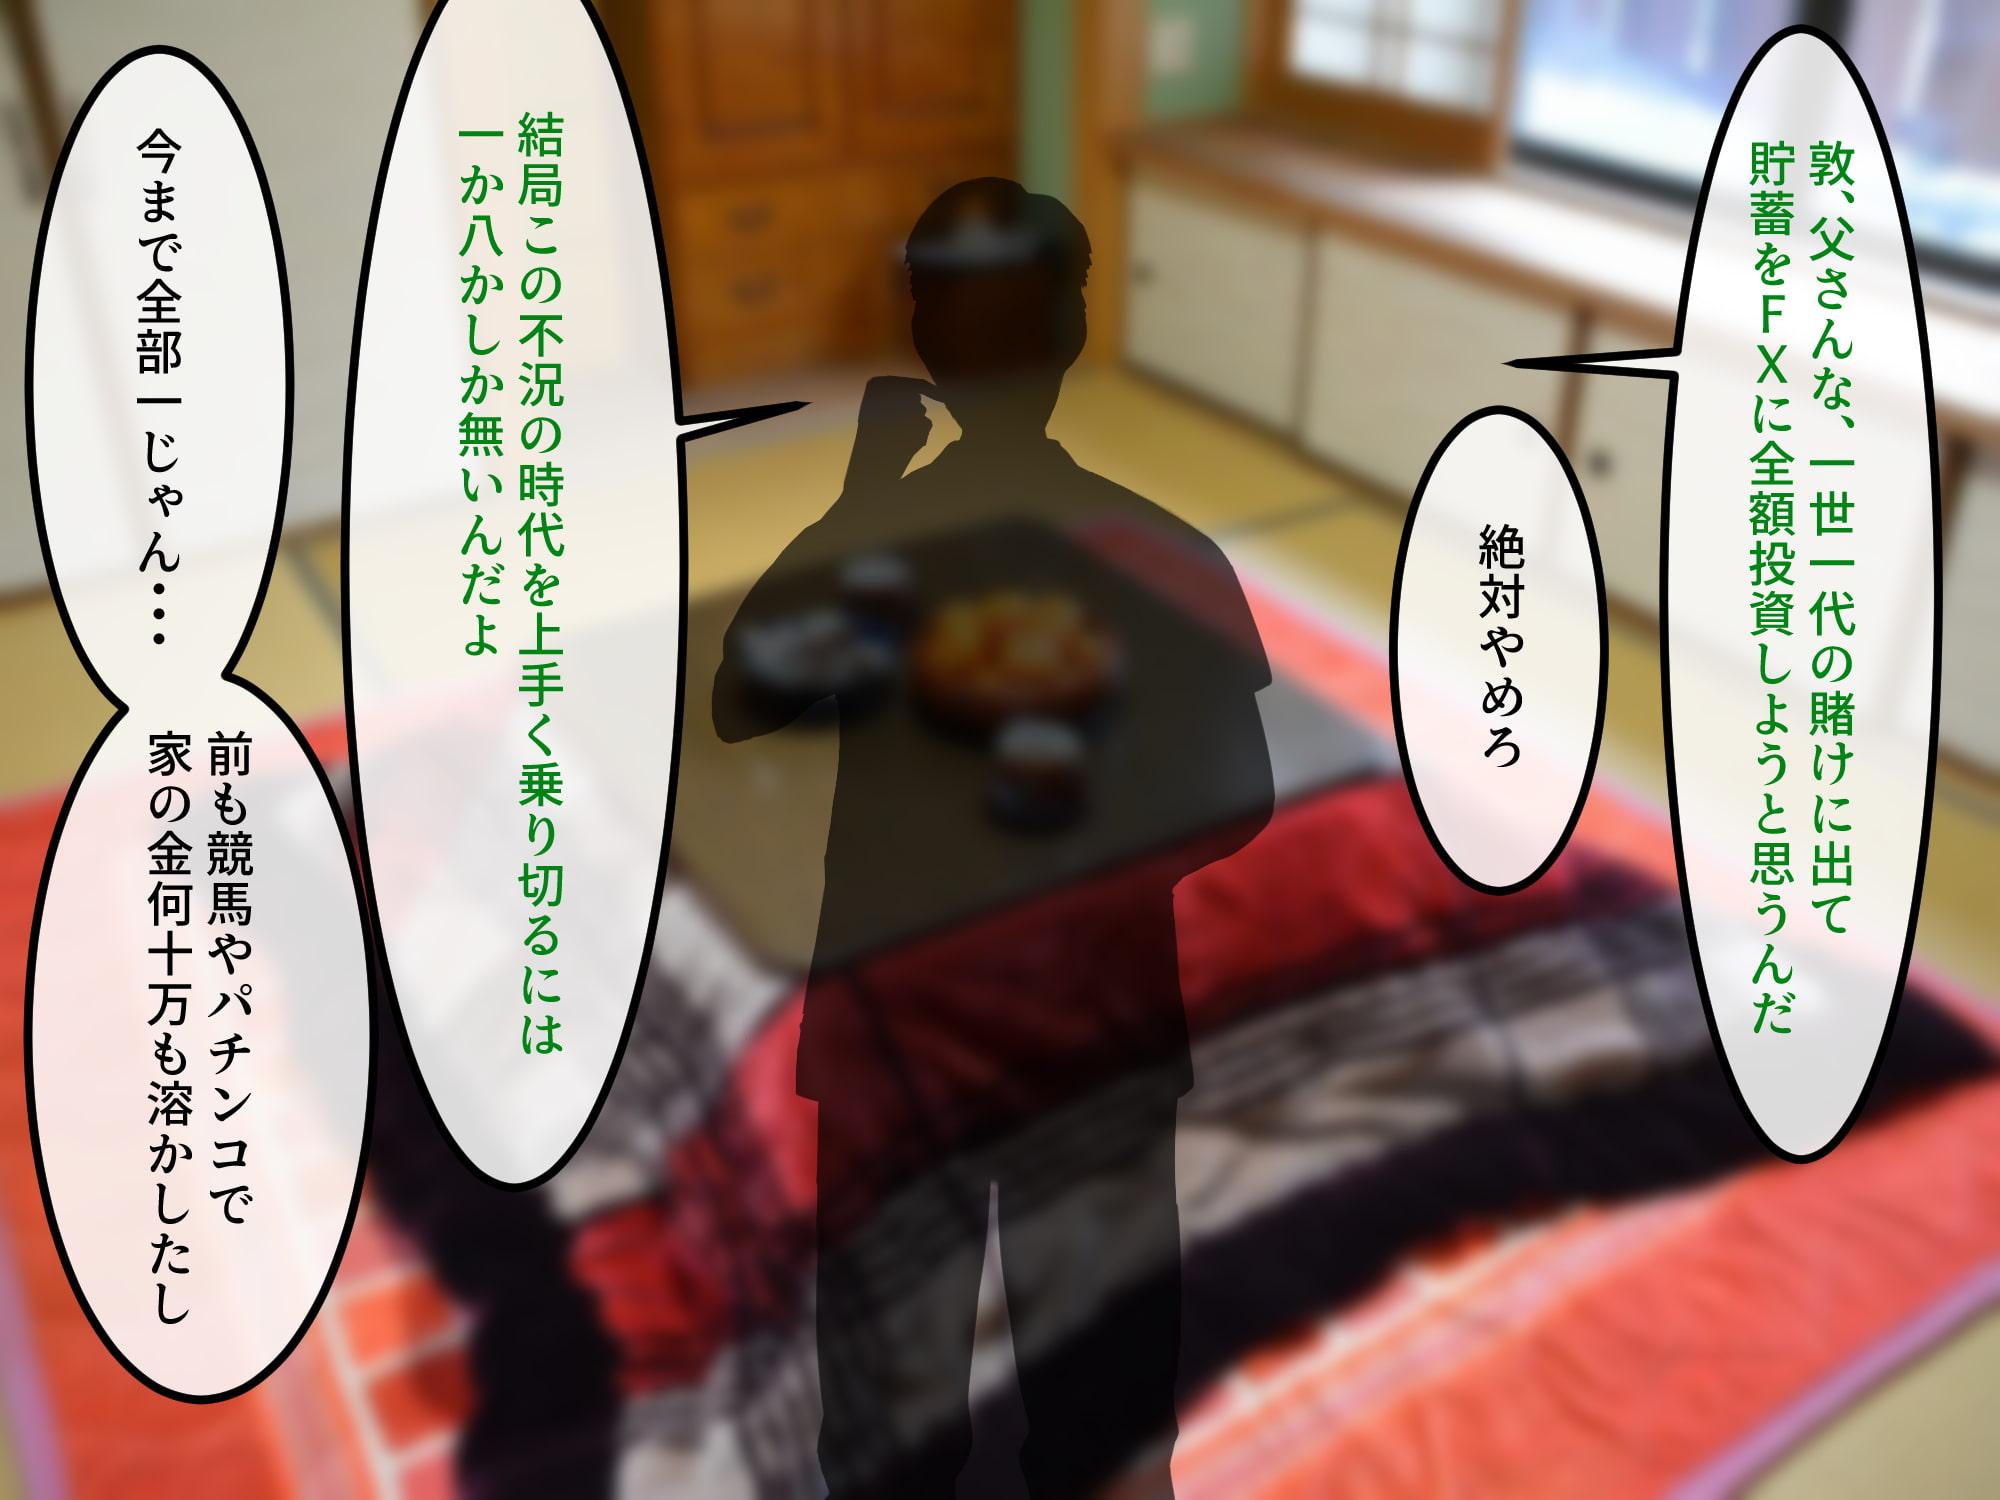 女友達の斎藤さん4 ~女友達ふたりの体を使って好き勝手に性欲処理する修学旅行編~